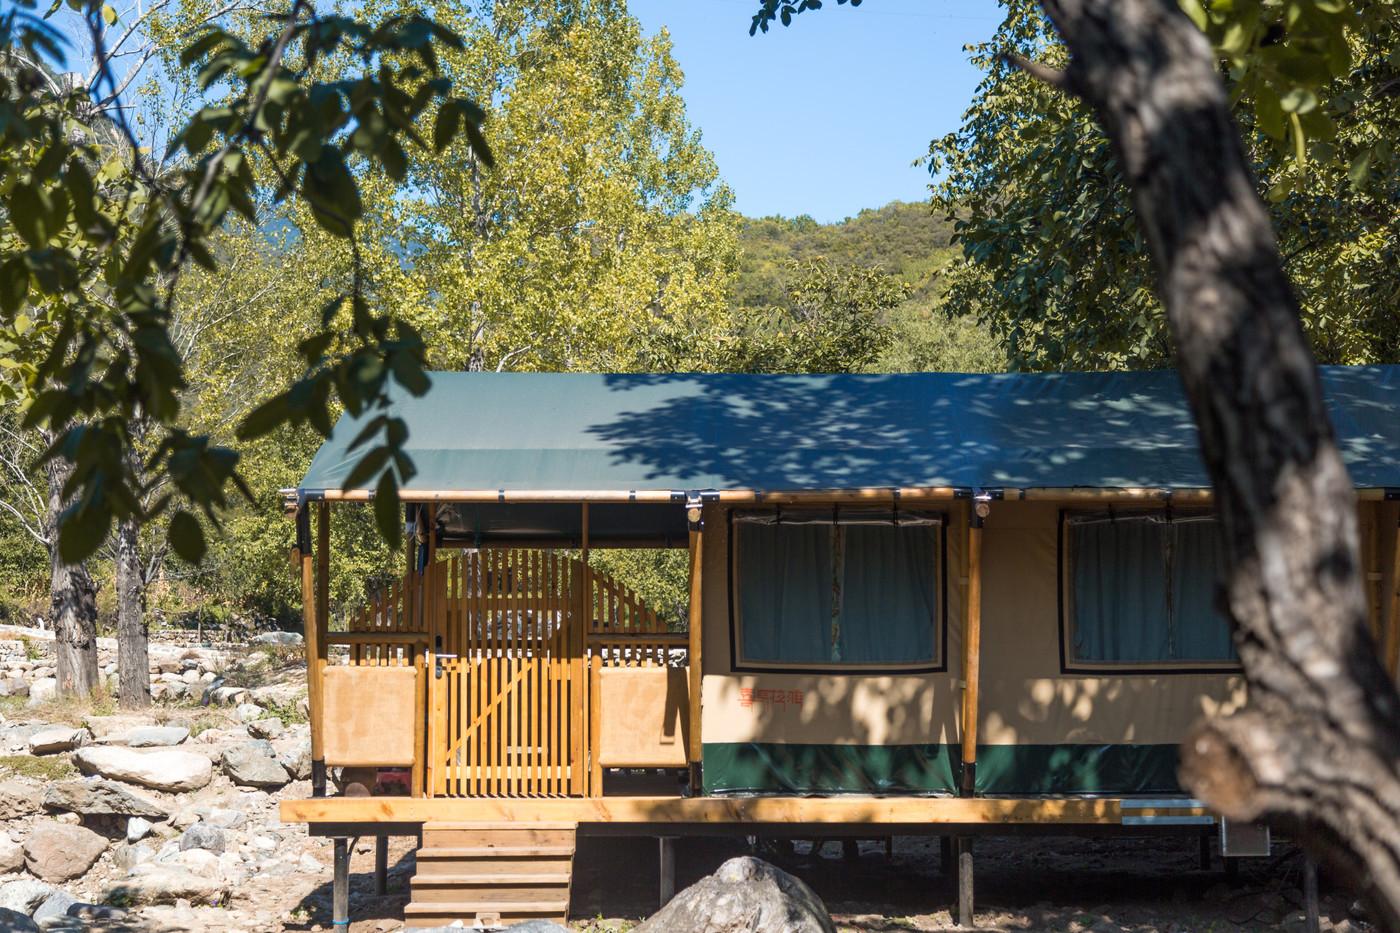 喜马拉雅野奢帐篷酒店一北京石头 剪刀 布一私享院子 54平山谷型  17